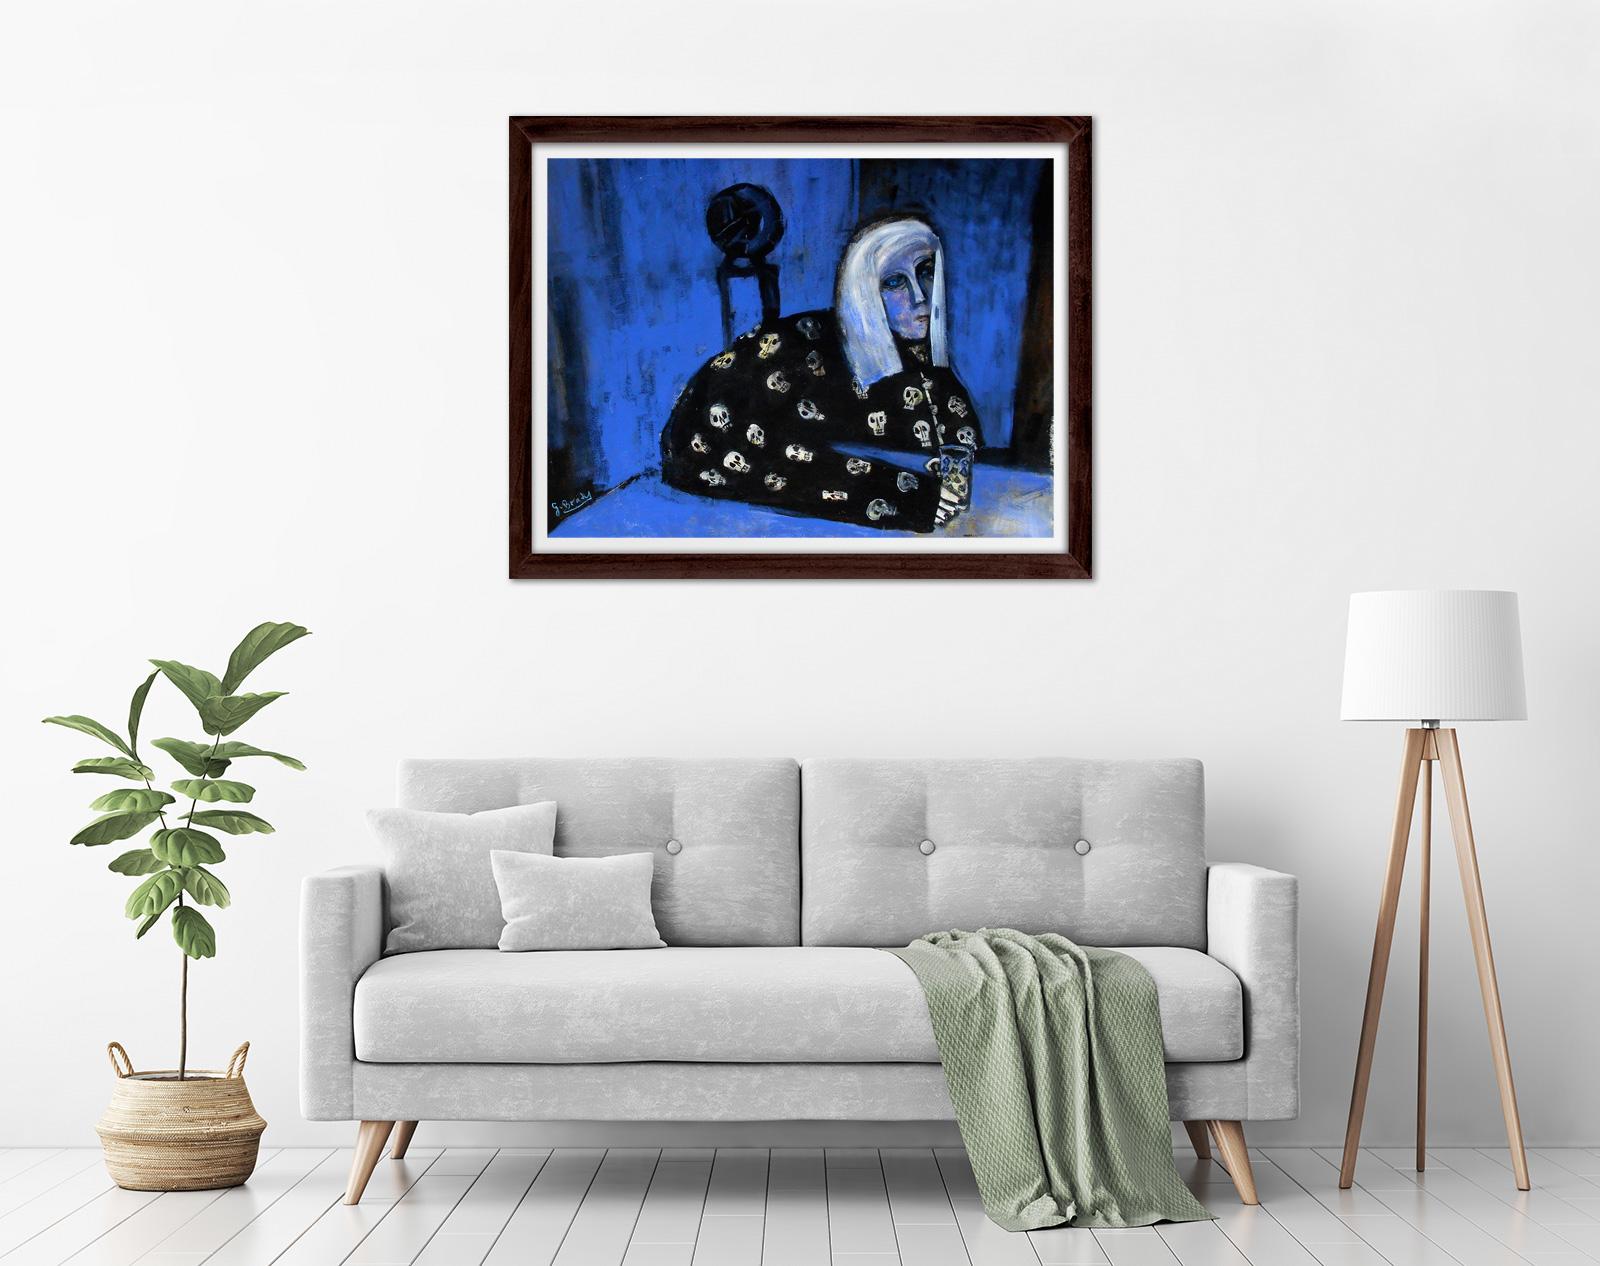 Glenn Brady - 'Colleen in Skull Pyjamas' Framed in a room